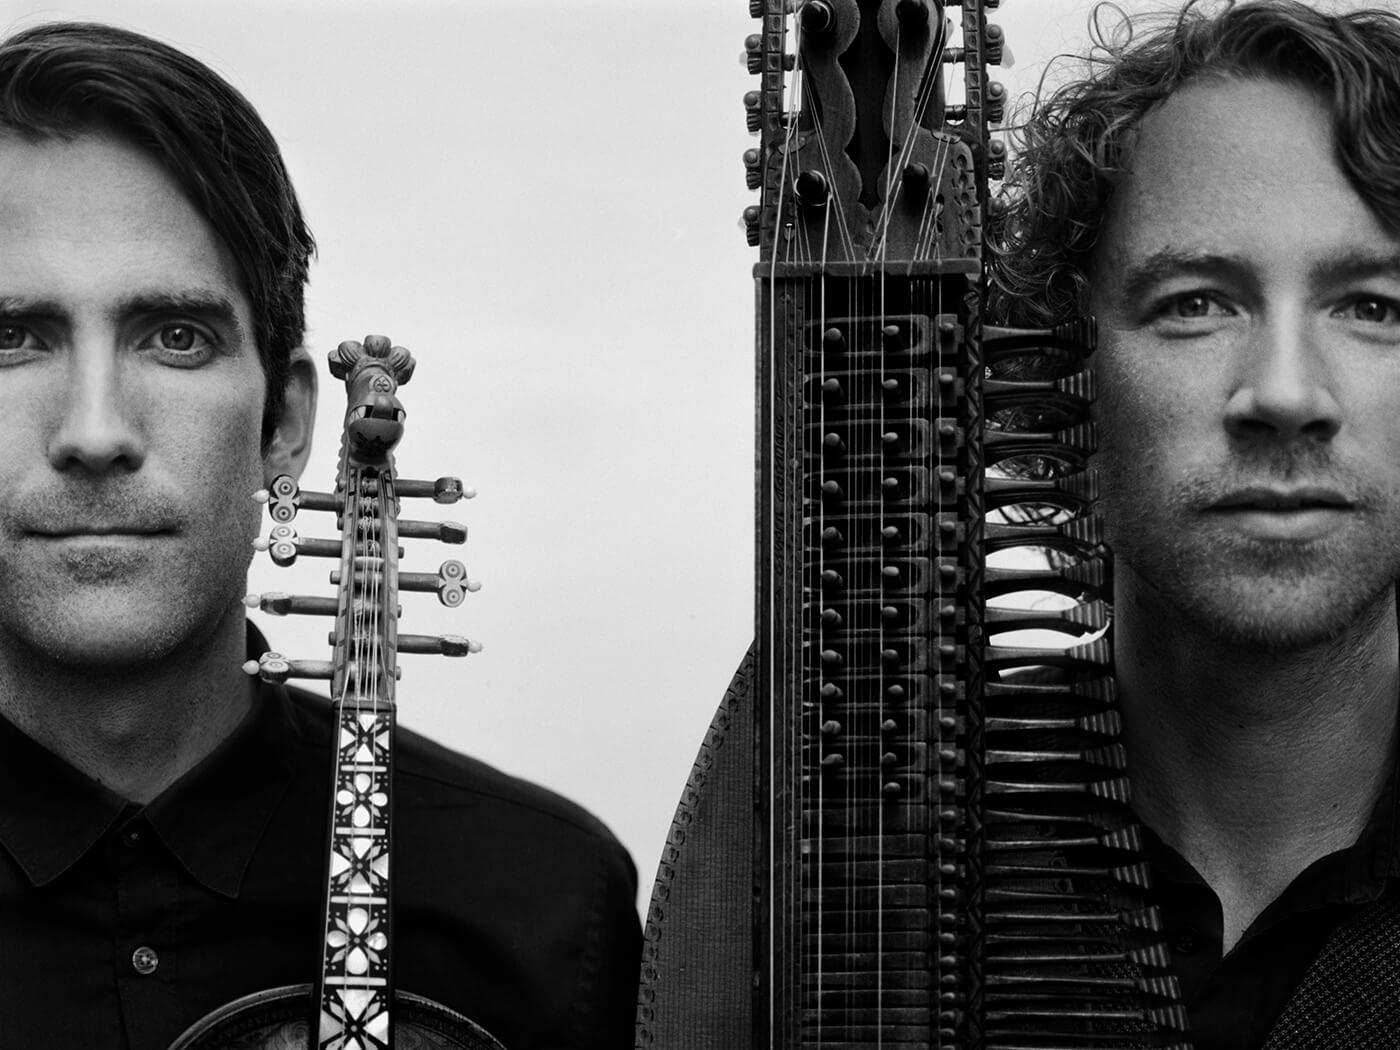 Olav Mjelva & Erik Rydvall